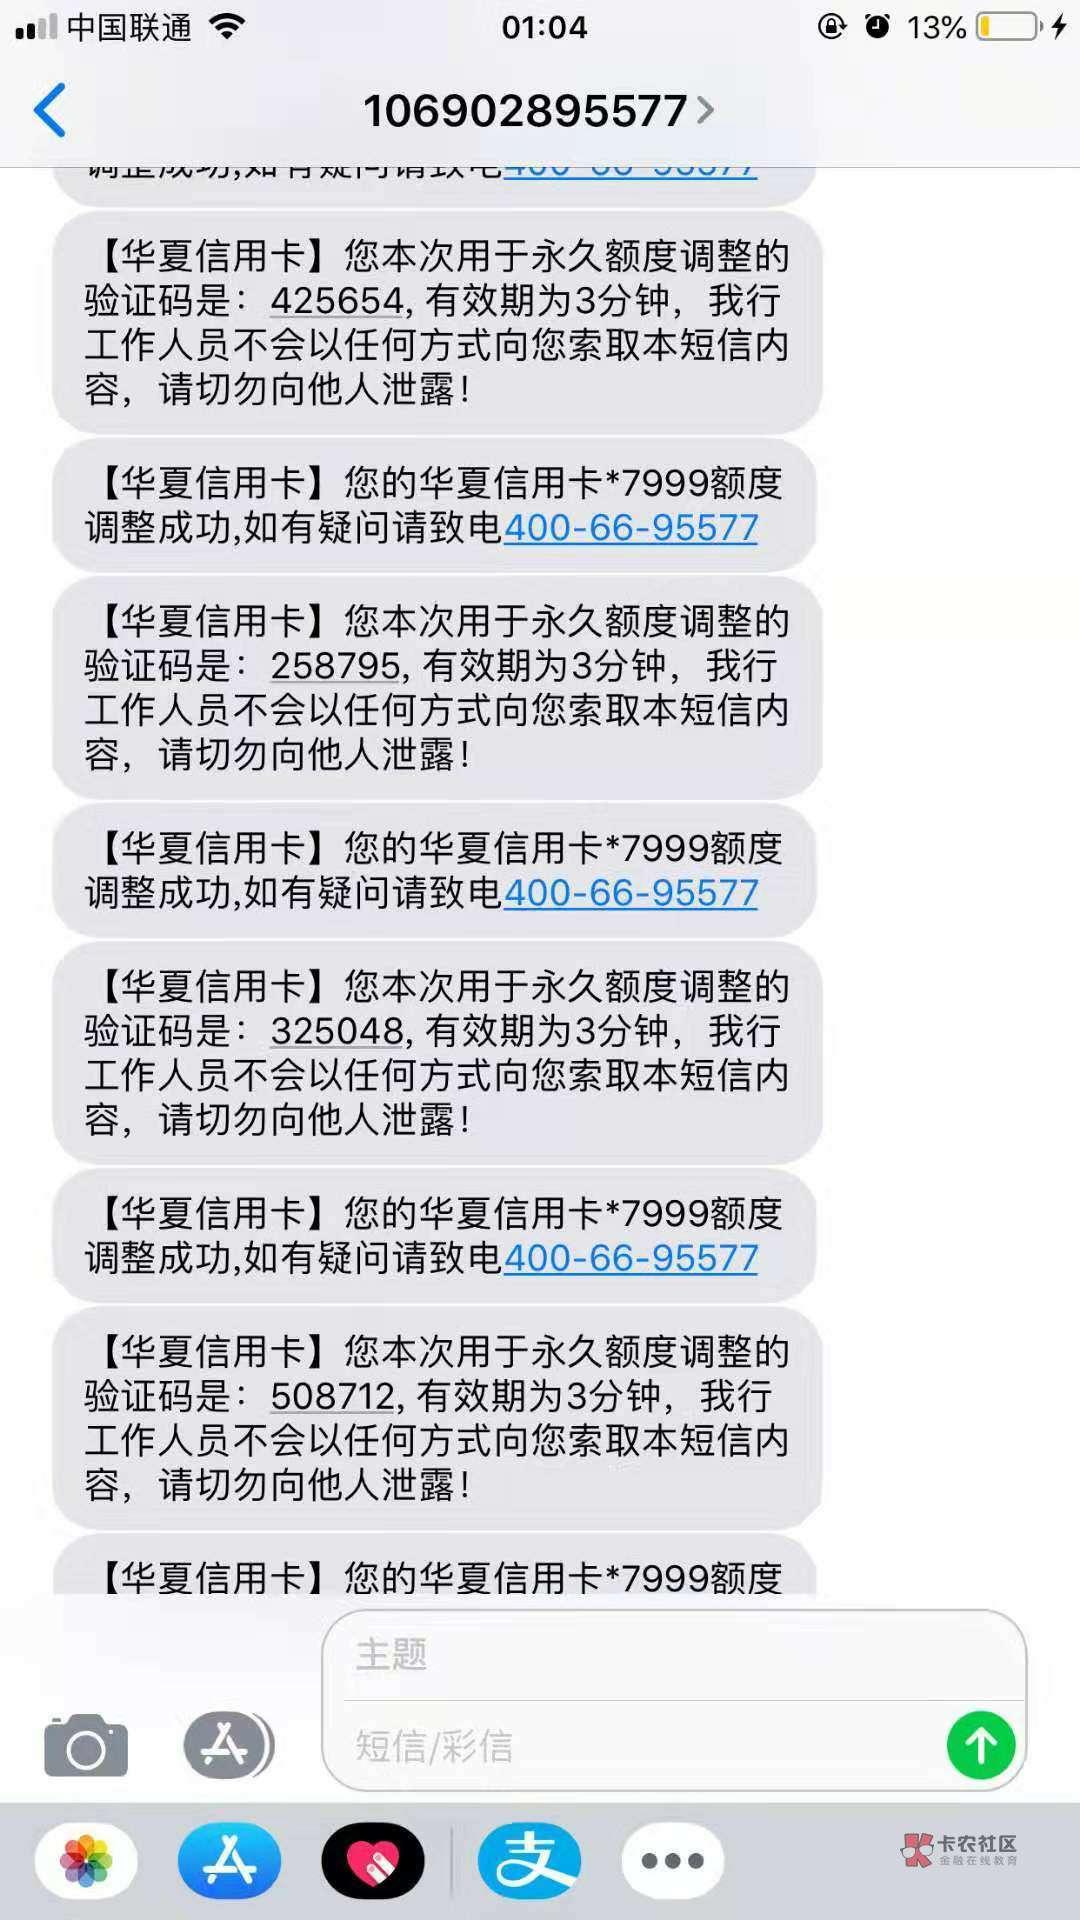 有华夏信用卡系统bug.有的老哥去试试。。。。   34 / 作者:dfdfhtssdvhb /